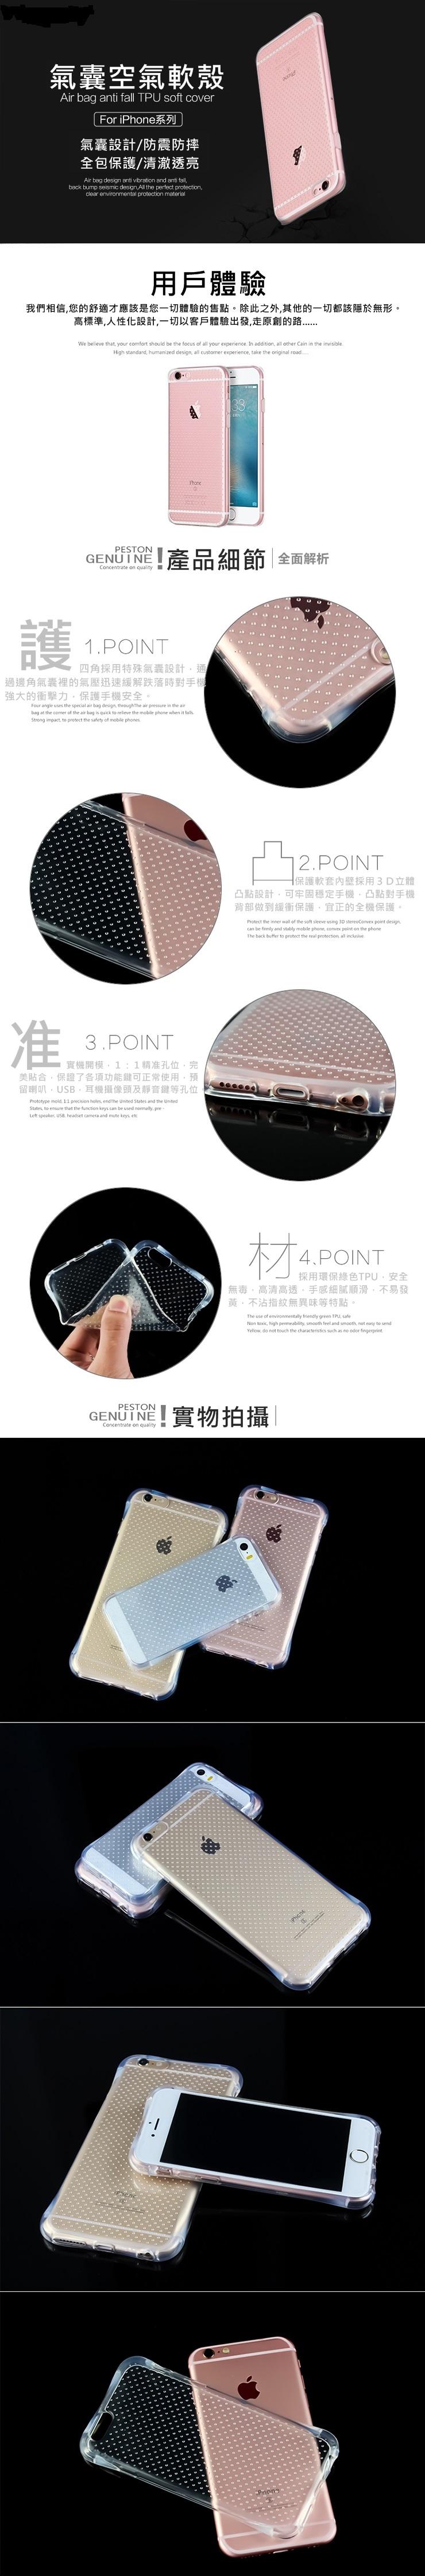 5.5吋用 氣囊空壓殼 iphone 6s PLUS iphone 6 空氣殼手機殼保護套保護殼手機套空壓殼氣墊空氣殼